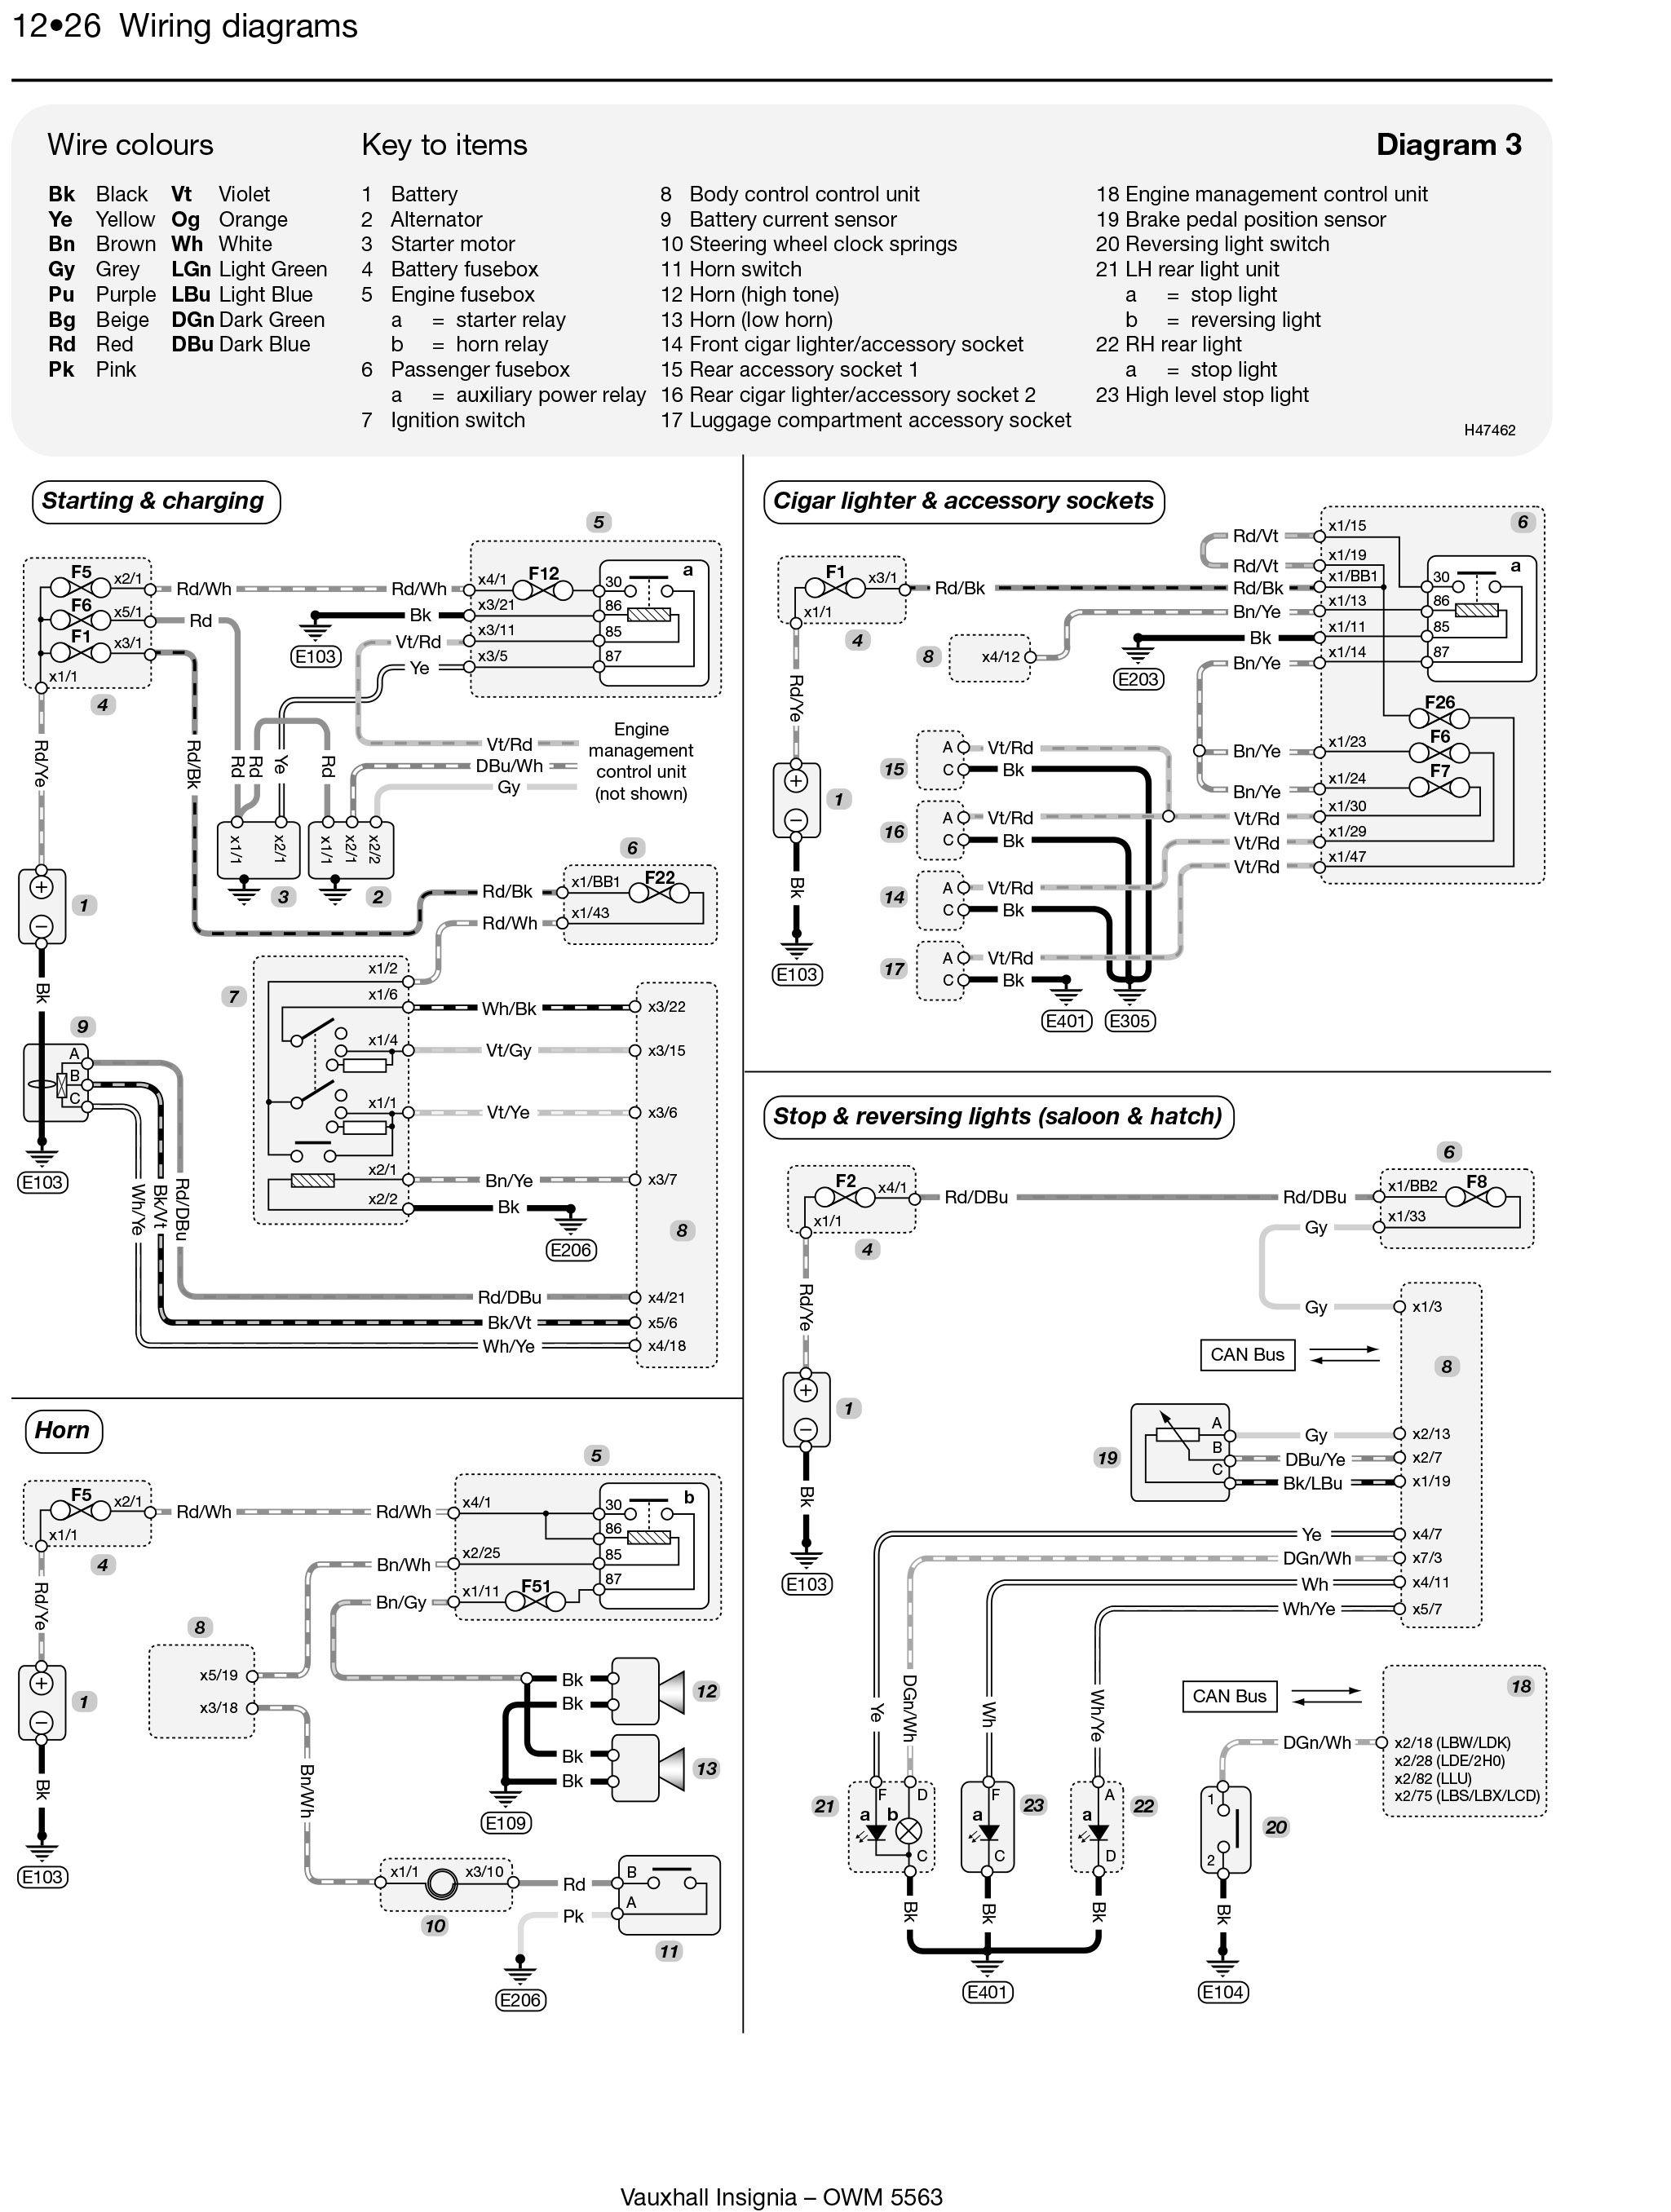 Haynes Wiring Diagram Legend Http Bookingritzcarlton Info Haynes Wiring Diagram Legend Vauxhall Insignia Diagram Engine Control Unit